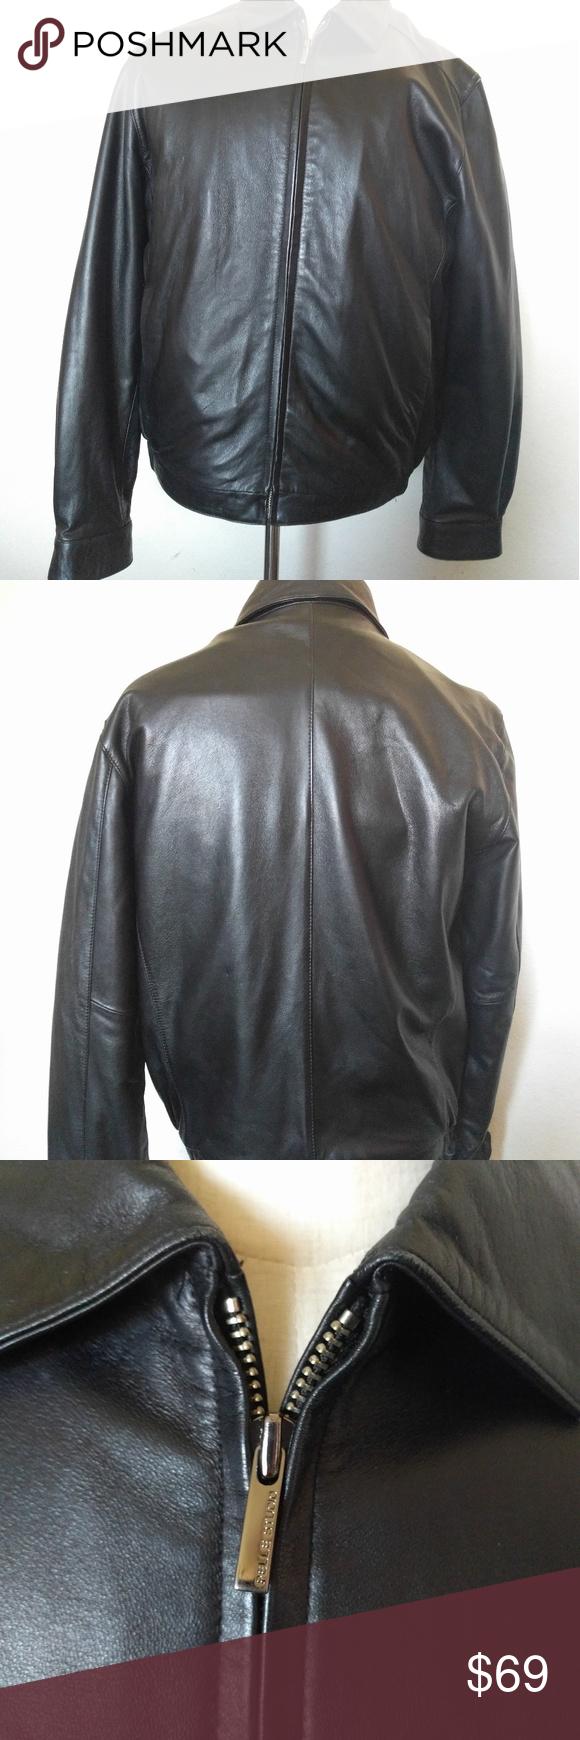 Wilsons leather Pelle studio medium leather jacket Wilson